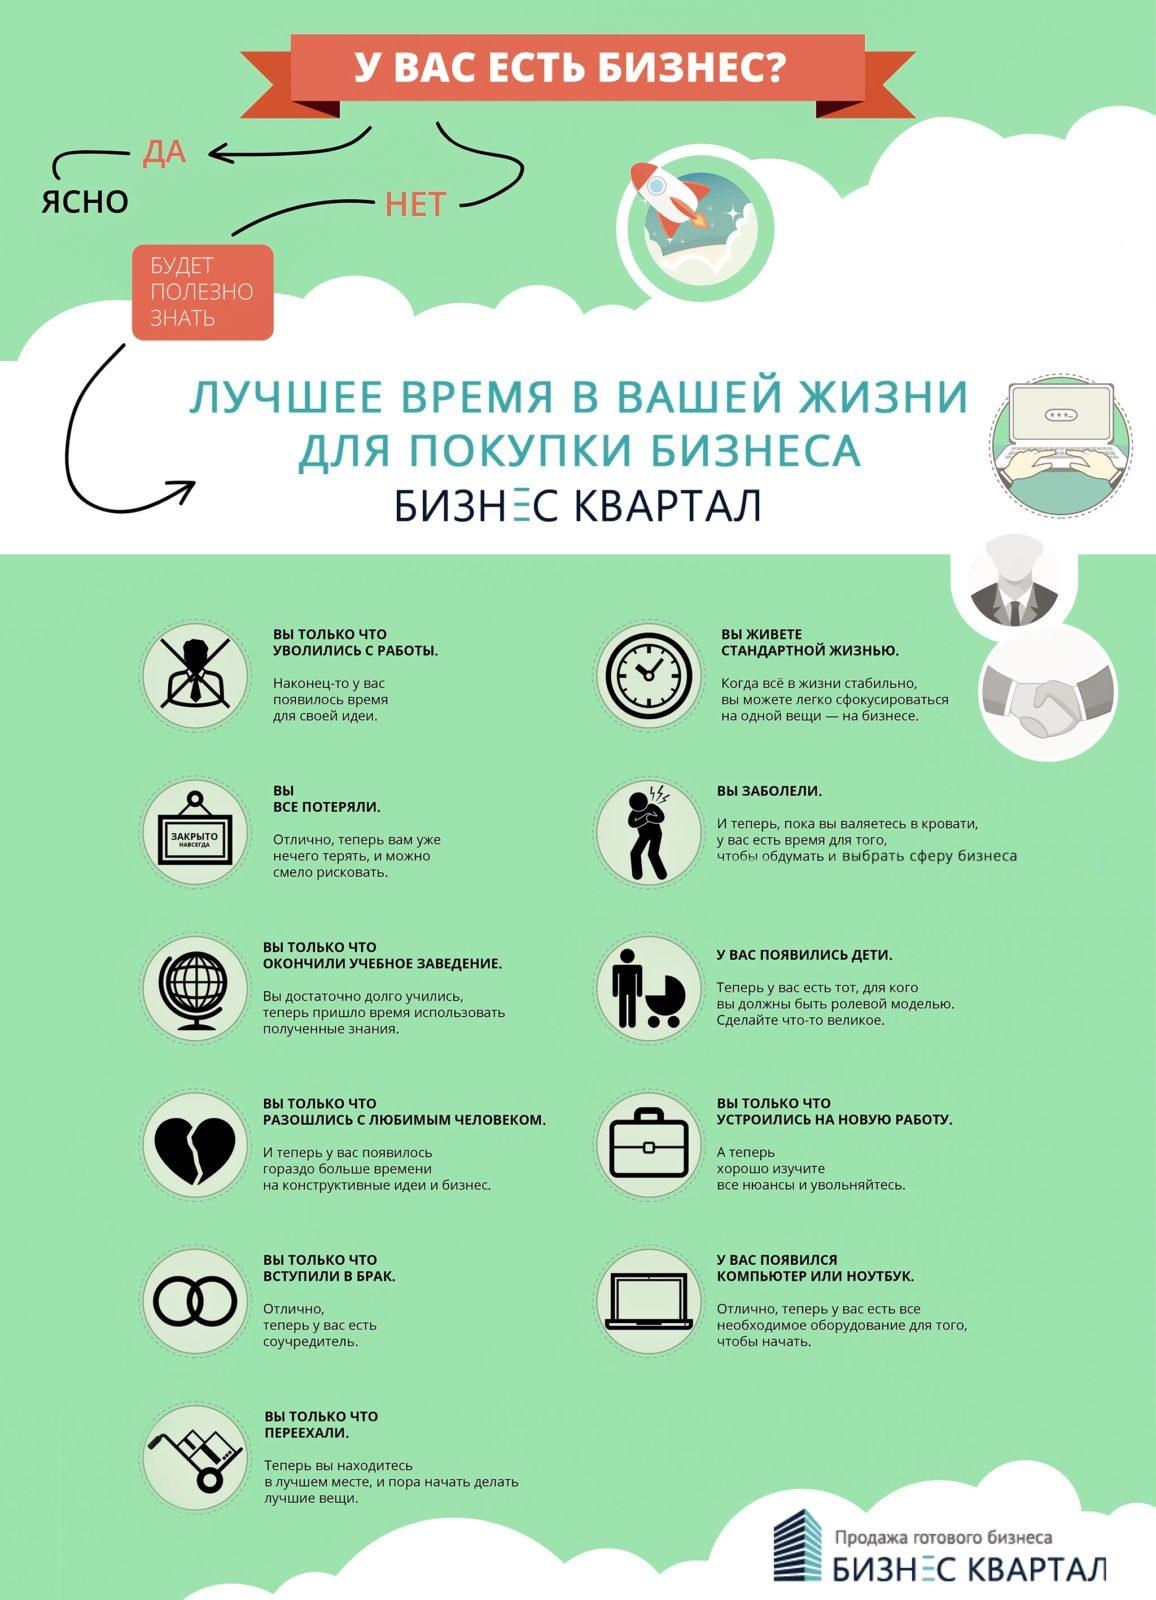 На картинке изображена схема-инфорграфика ситуаций из жизни, когда лучше всего купить бизнес.